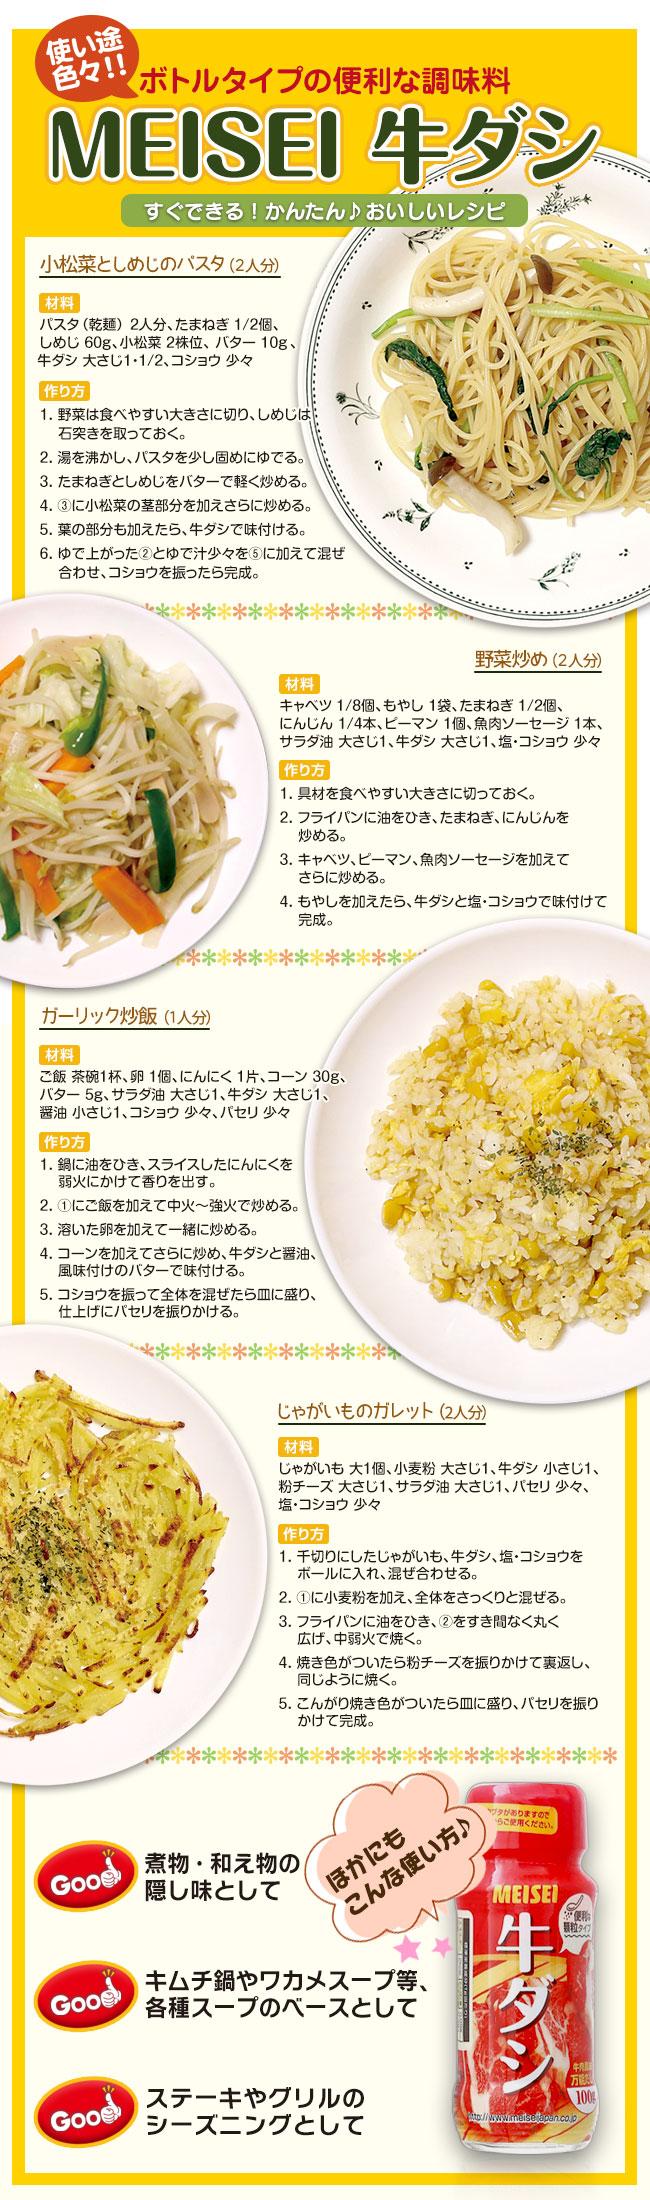 MEISEI牛ダシは、牛肉のうま味と野菜のうま味を凝縮したば粉末調味料です。すキムチチゲやワカメスープのベース、炒め物・蒸し物・煮物・和え物・焼き物など各種料理の隠し味など、いつものお料理にコクと深みをプラスしてくれます。韓国料理以外に、パスタや炒飯、野菜炒め、ステーキなど和洋中さまざまなお料理にお使いいただけます。ボトルタイプなので、片手でフタを開けて振りかけるだけ!MEISEI牛ダシは、従来の牛肉ダシと比べ、より使いやすく便利になりました!